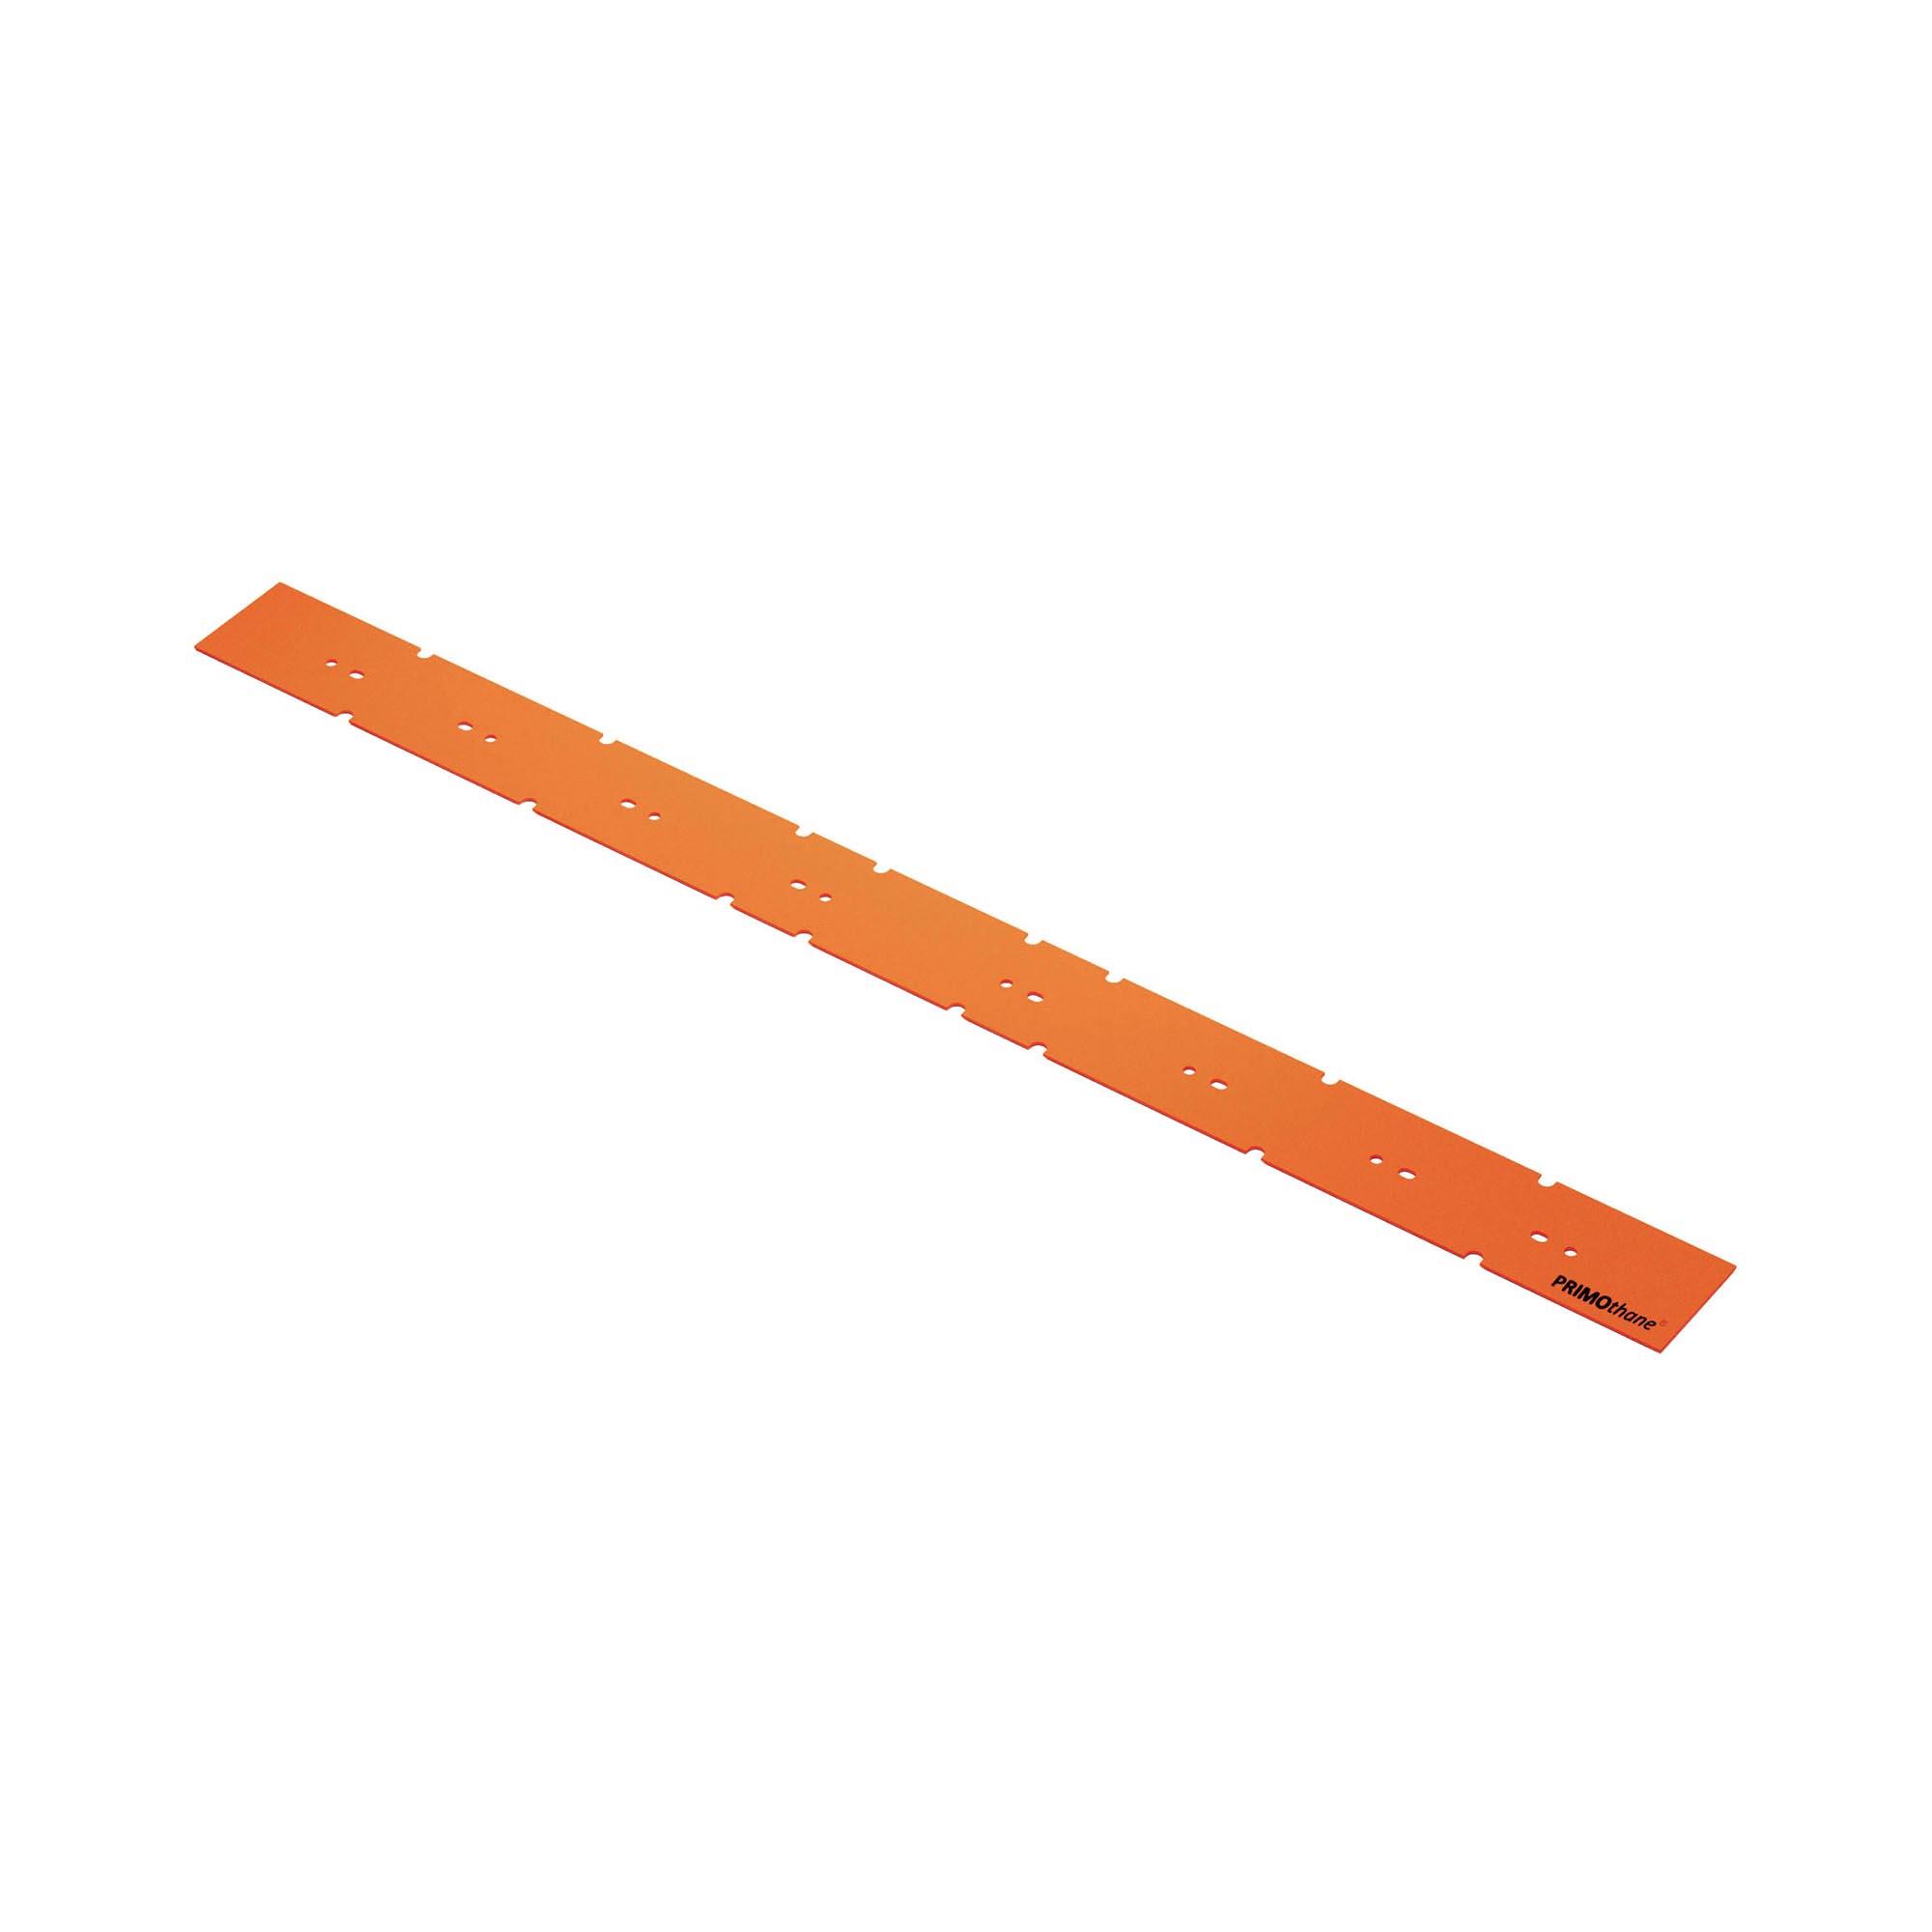 ulsonix Sauglippe vorne für TOPCLEAN 850 und TOPCLEAN 1000 10050169